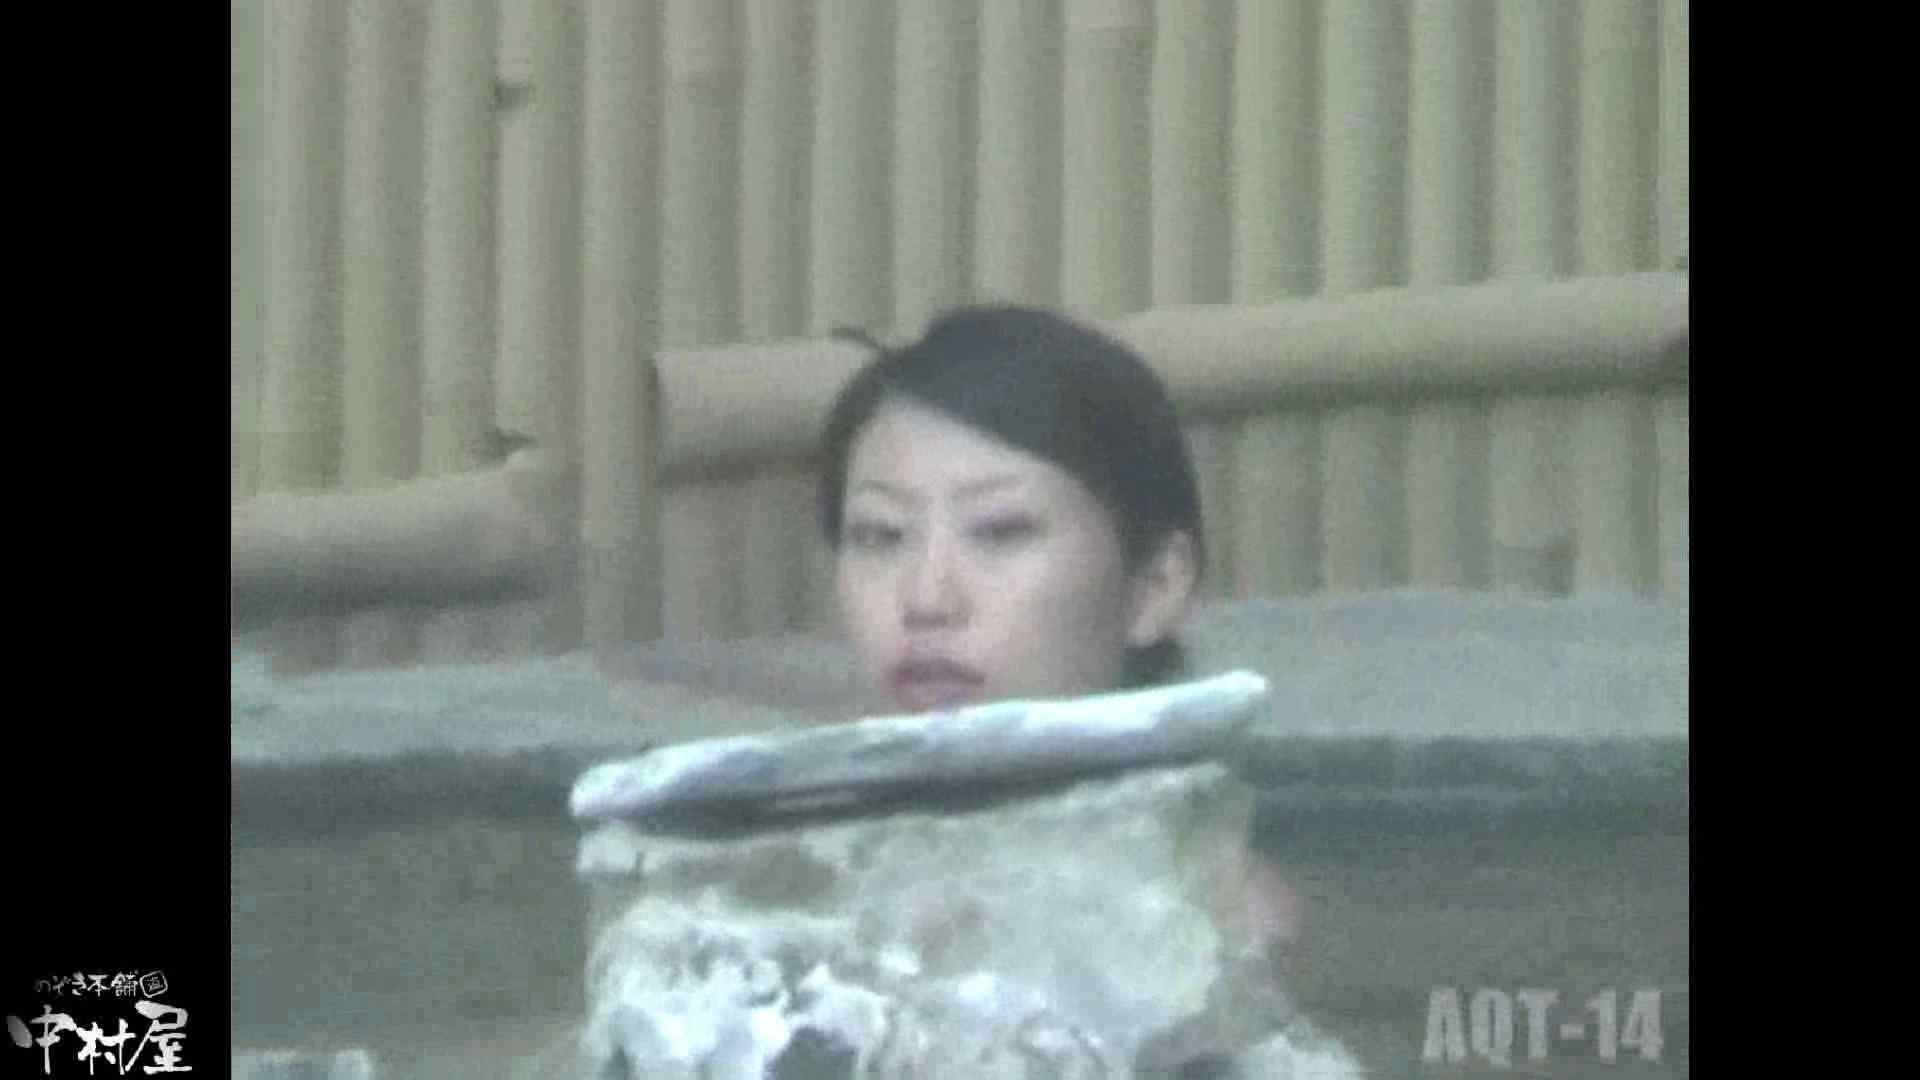 Aquaな露天風呂Vol.878潜入盗撮露天風呂十四判湯 其の一 露天 | 盗撮  78pic 20